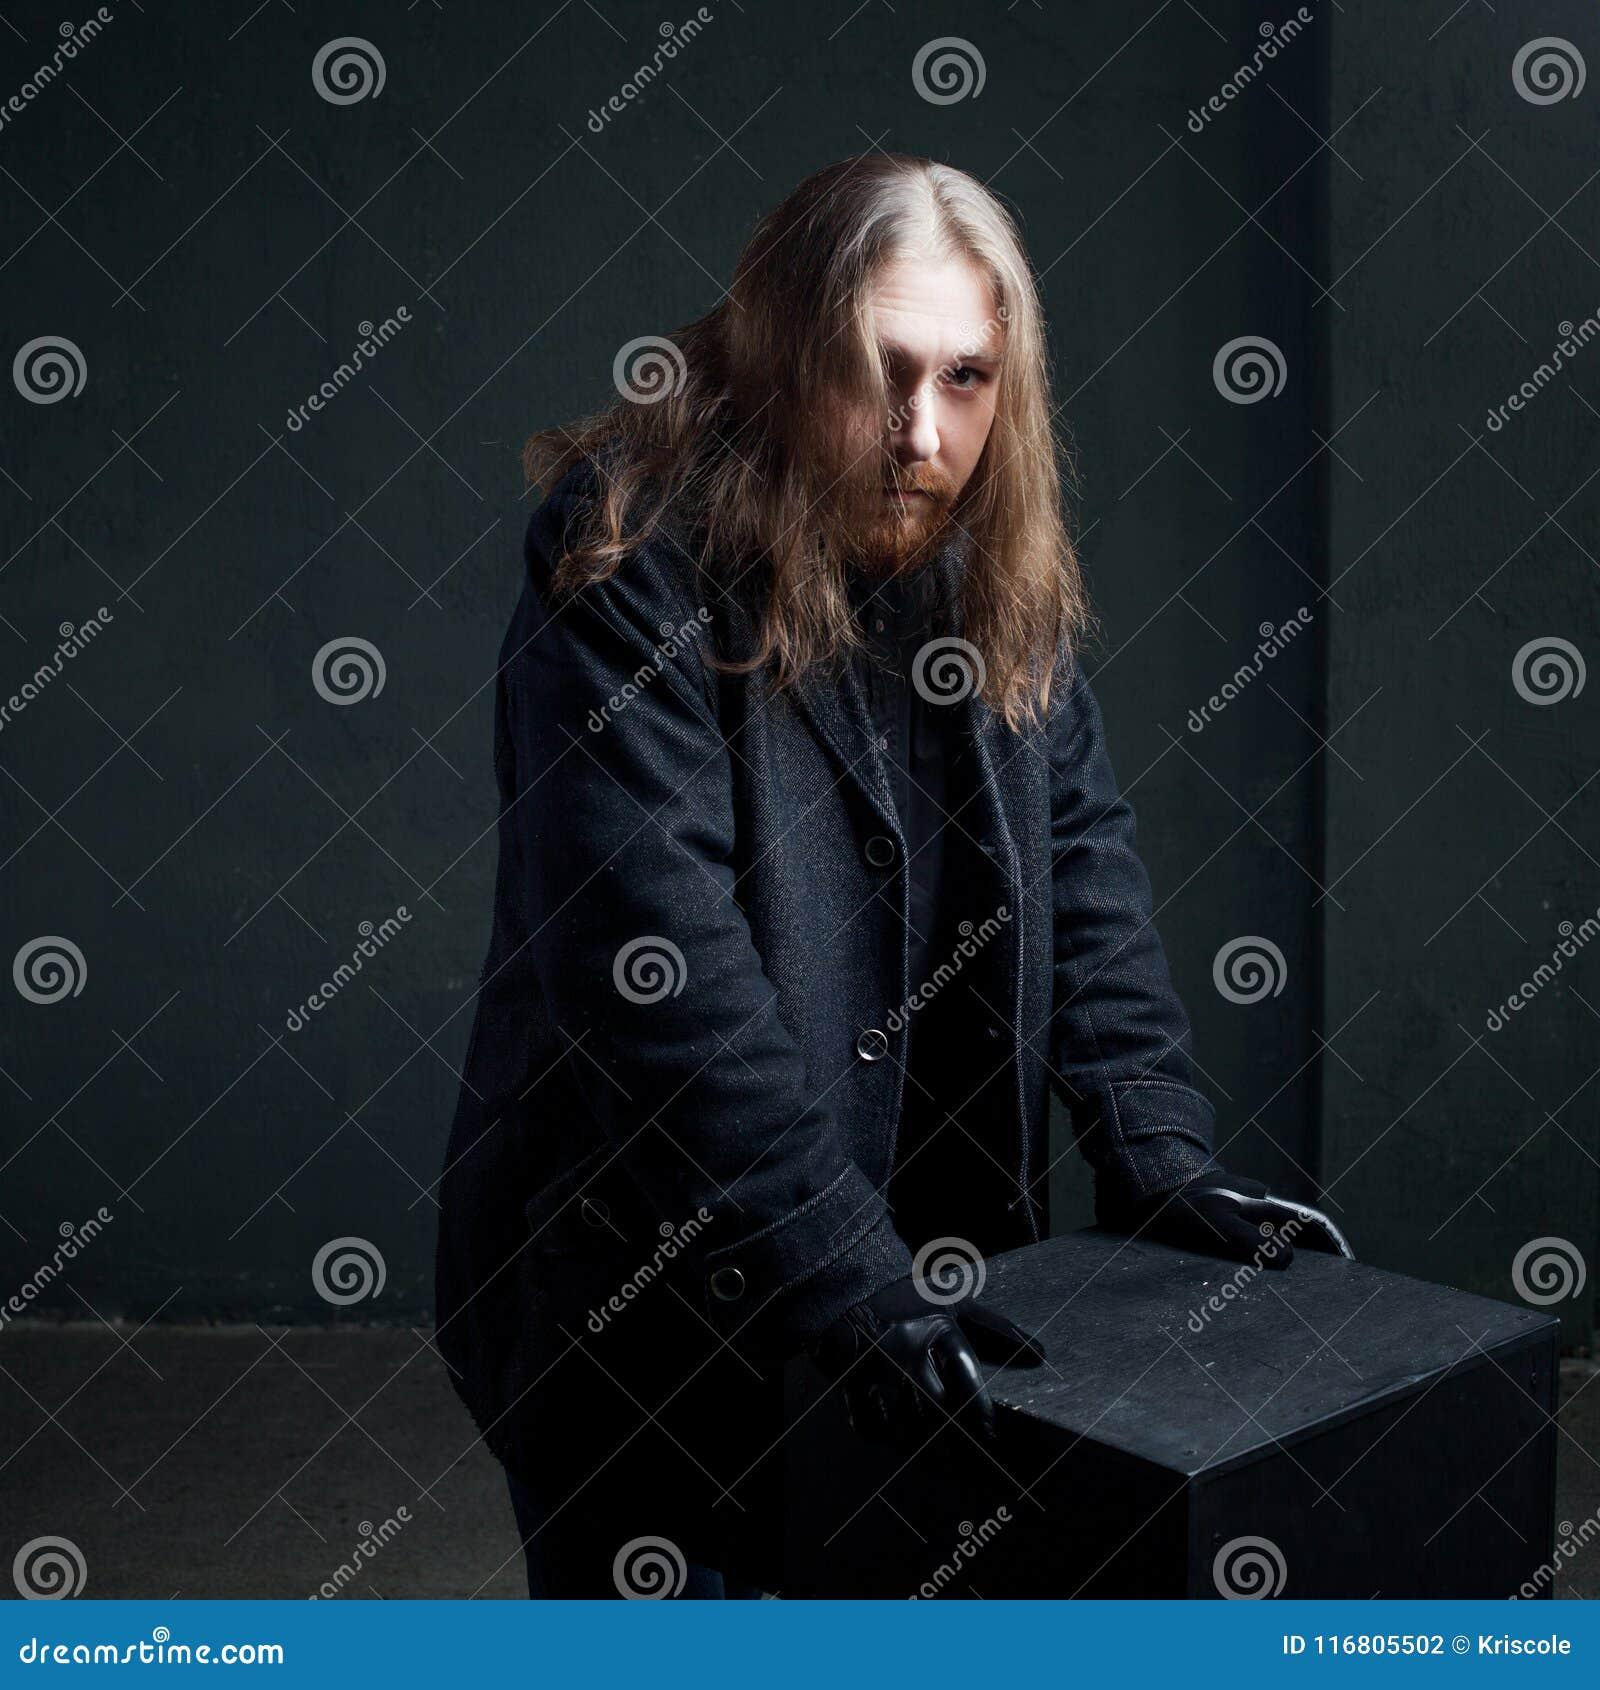 Ritratto dell uomo con capelli lunghi e della barba in vestiti neri su fondo scuro